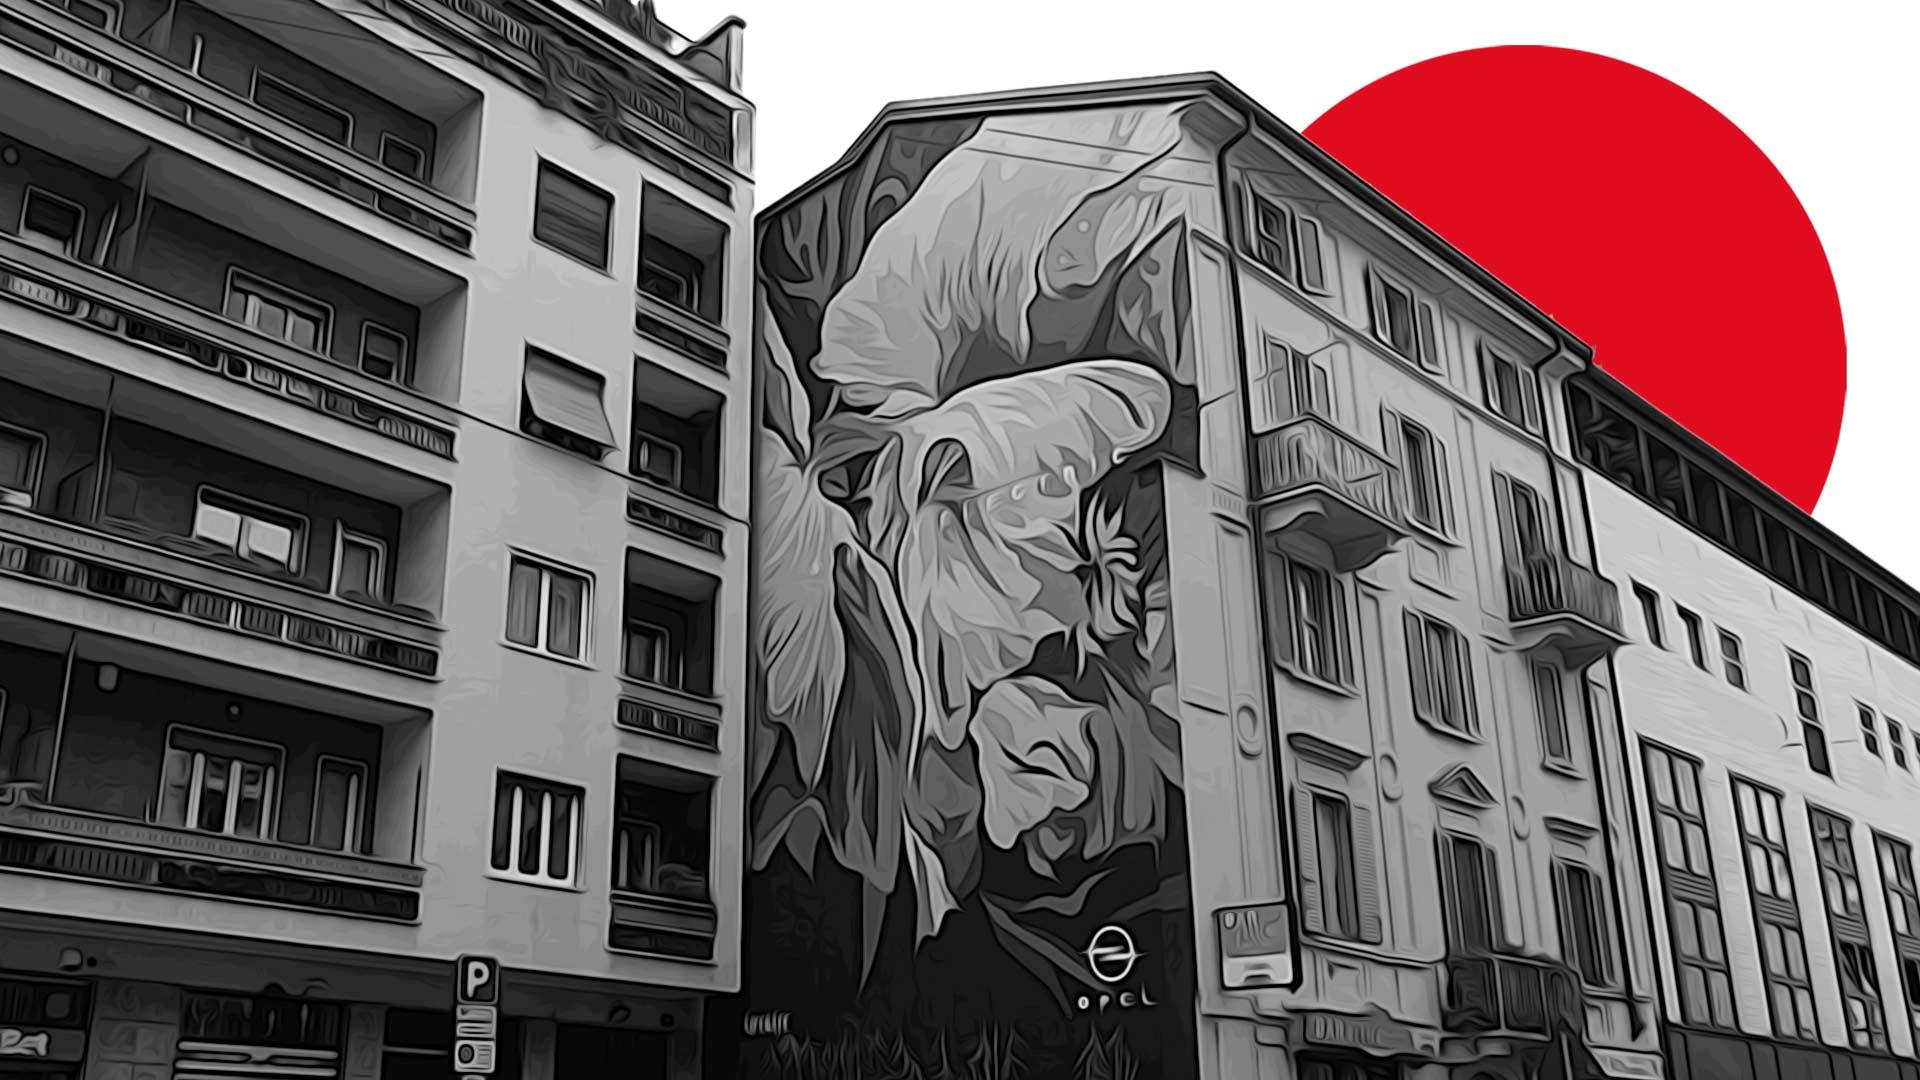 LifeGate Wall: Opel inaugura il muro dedicato alla sostenibilità tra i palazzi di Milano